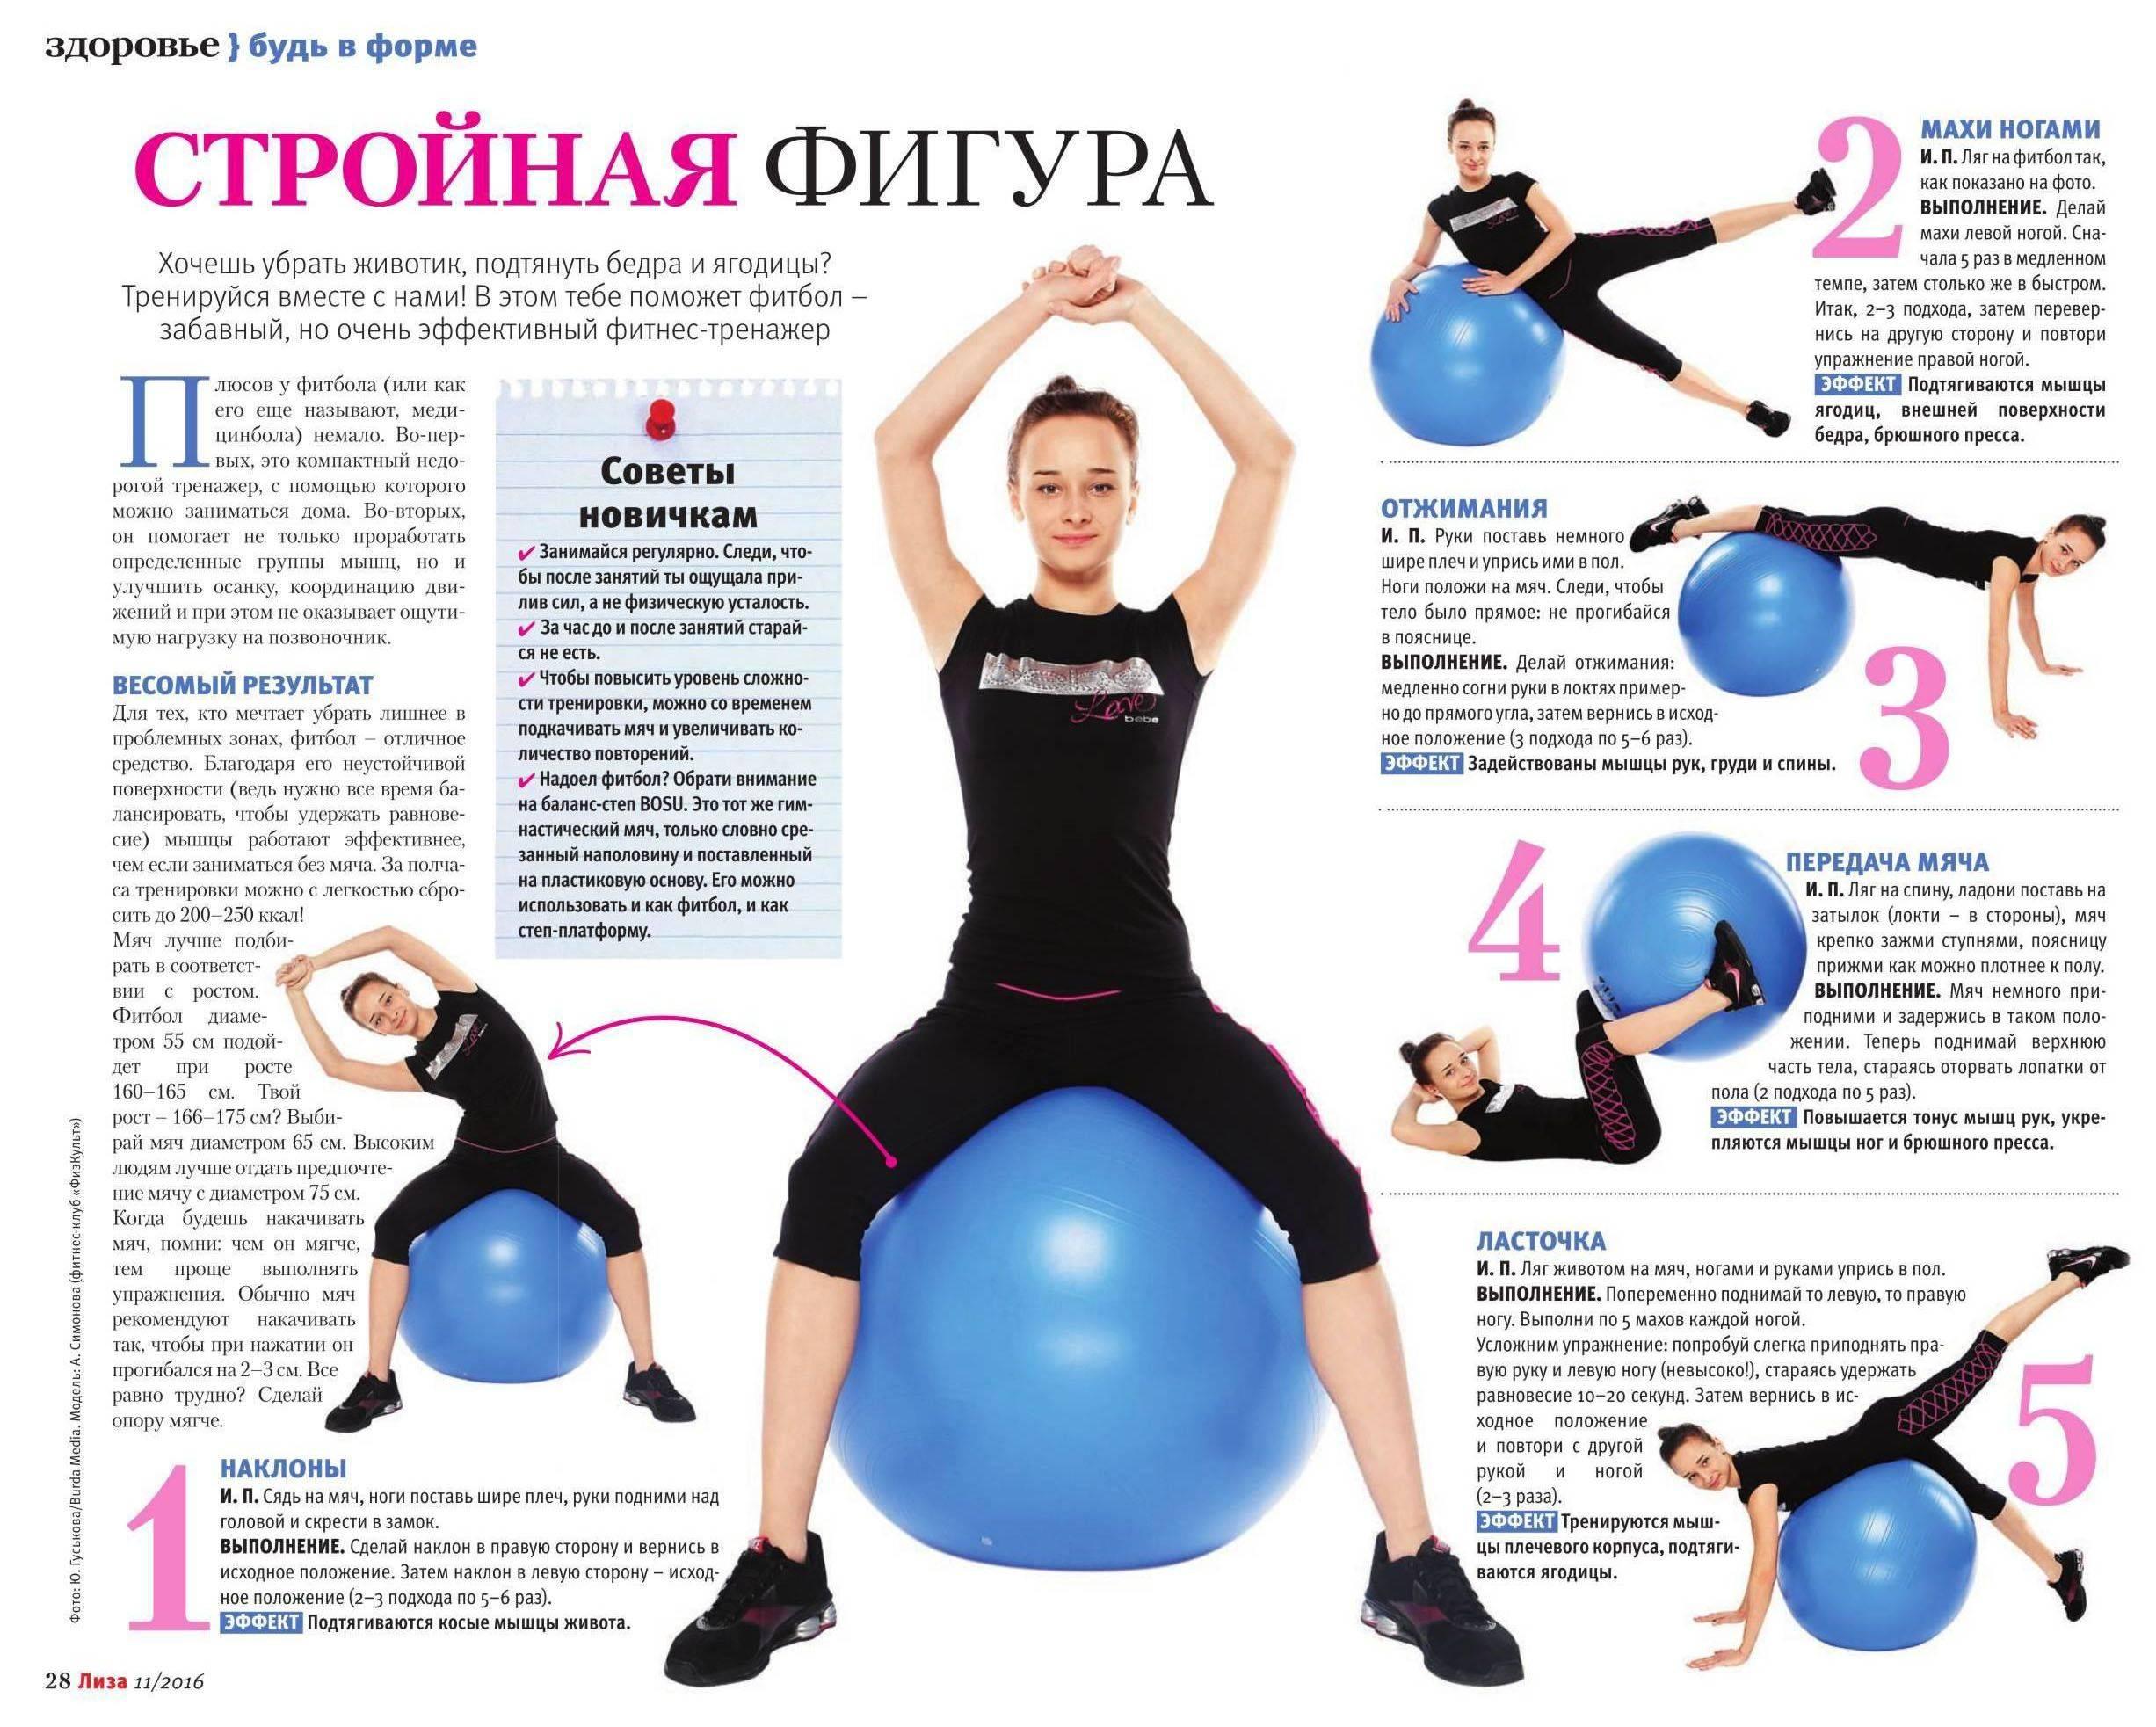 Упражнения с фитболом в домашних условиях для ягодиц